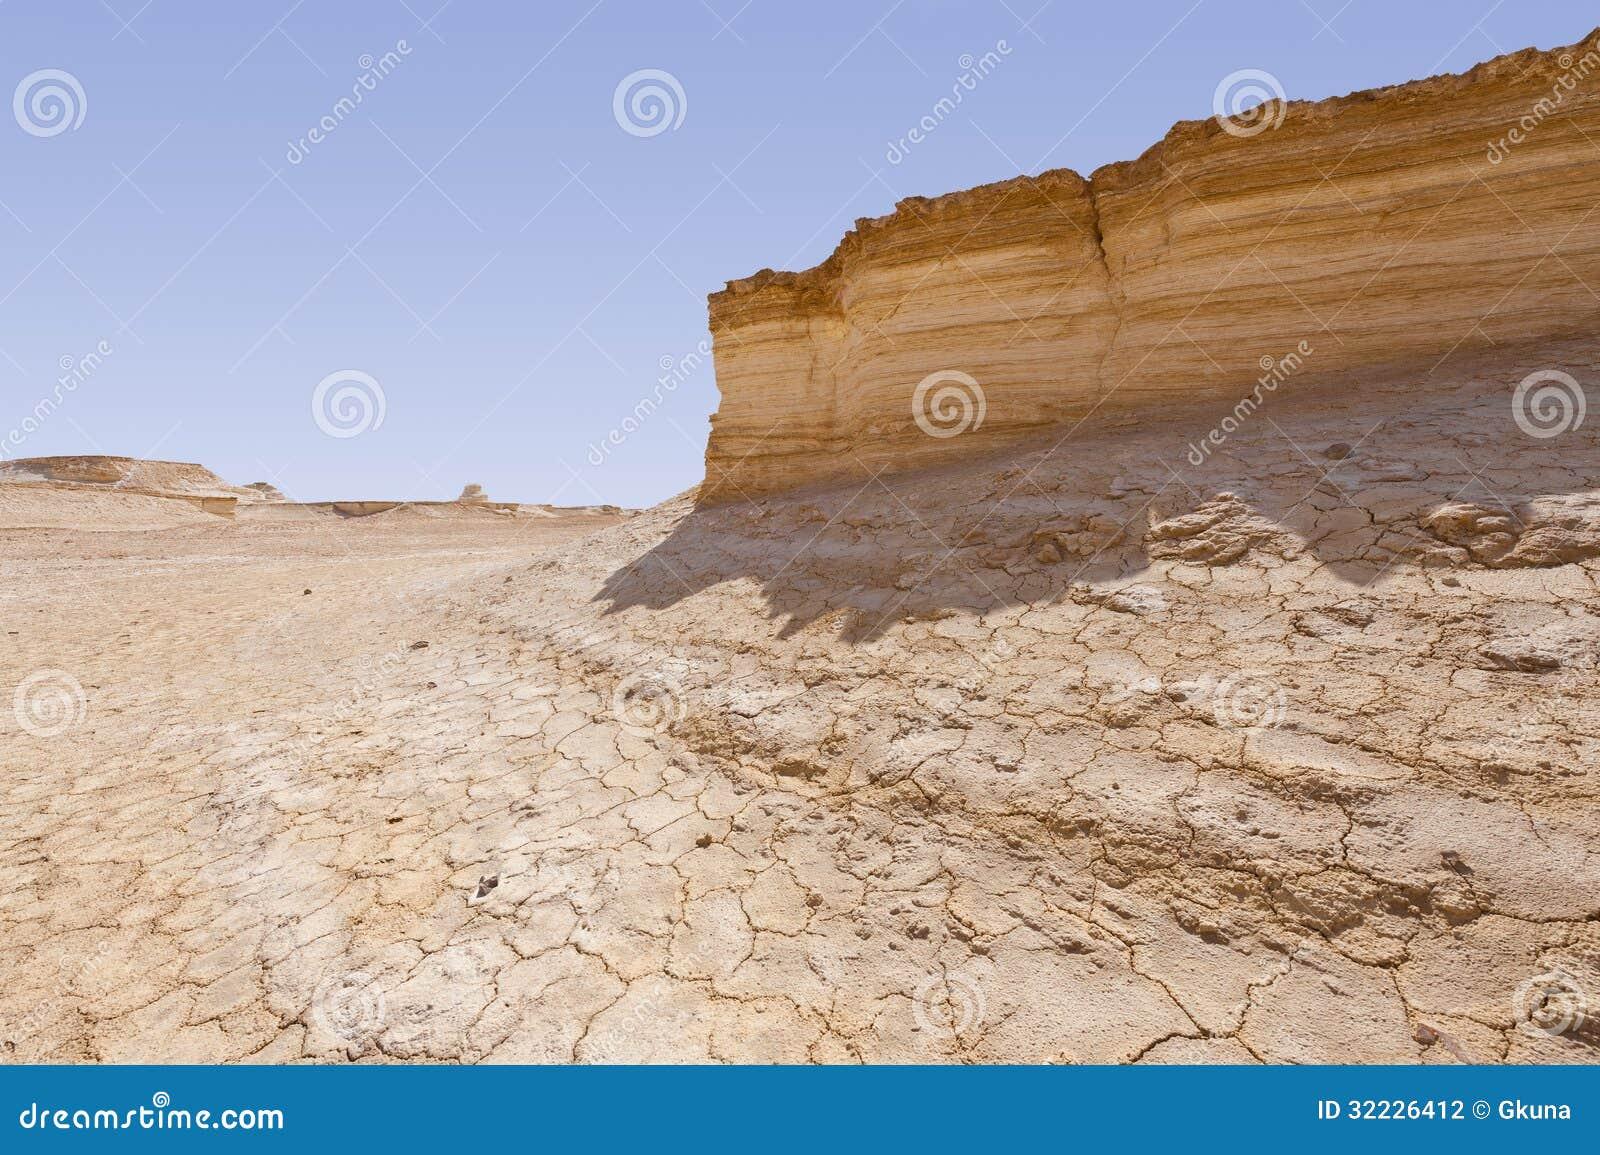 Download Médio Oriente foto de stock. Imagem de perigo, east, azul - 32226412